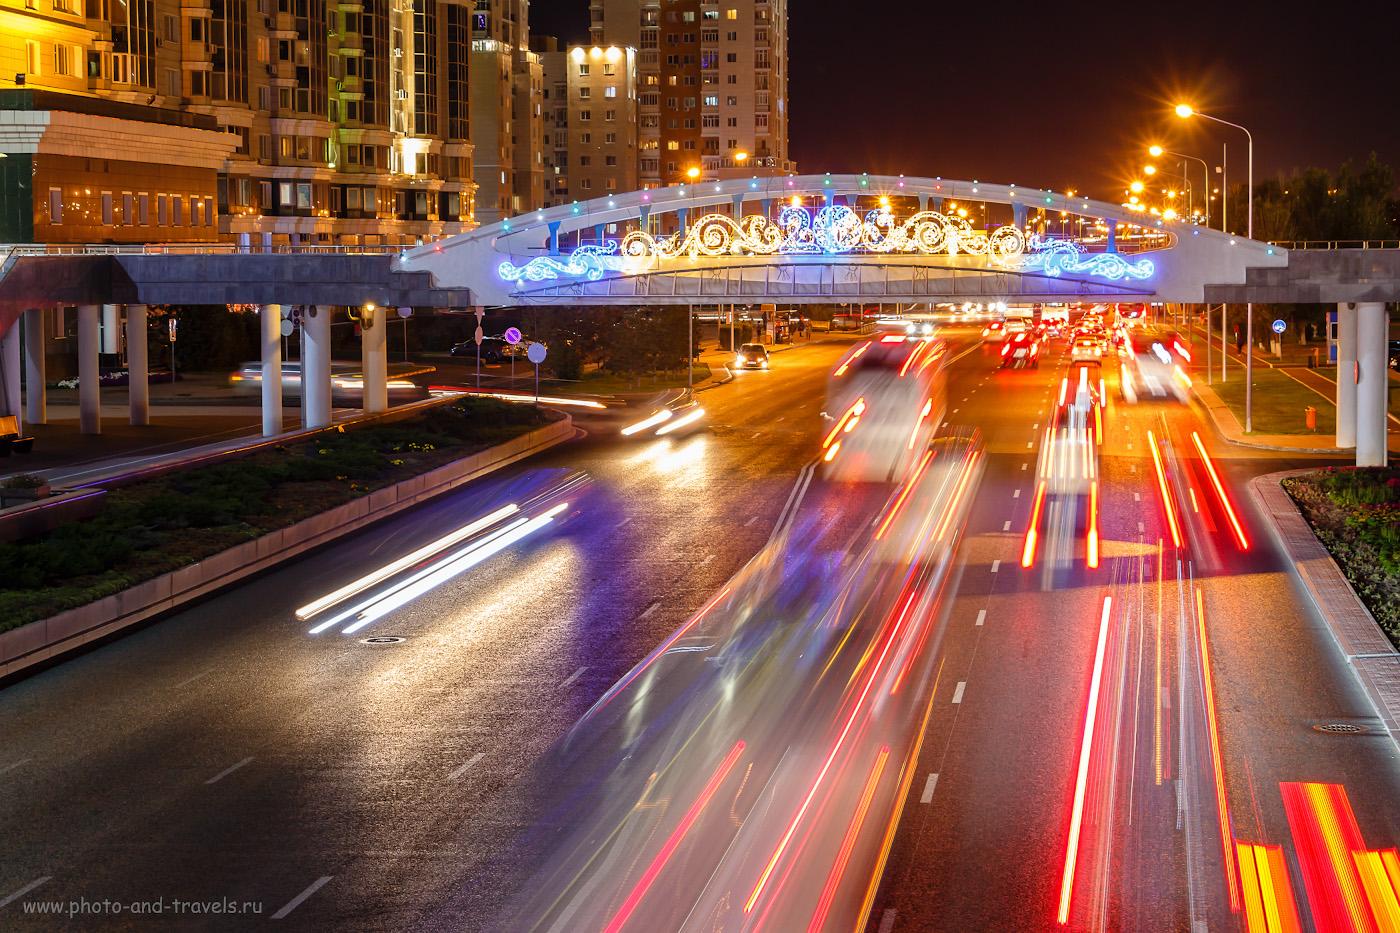 Фотография 4. Мост в Астане, ведущий к площади перед резиденцией президента «Ак Орда». 1/6, 0, 8, 400, 50.